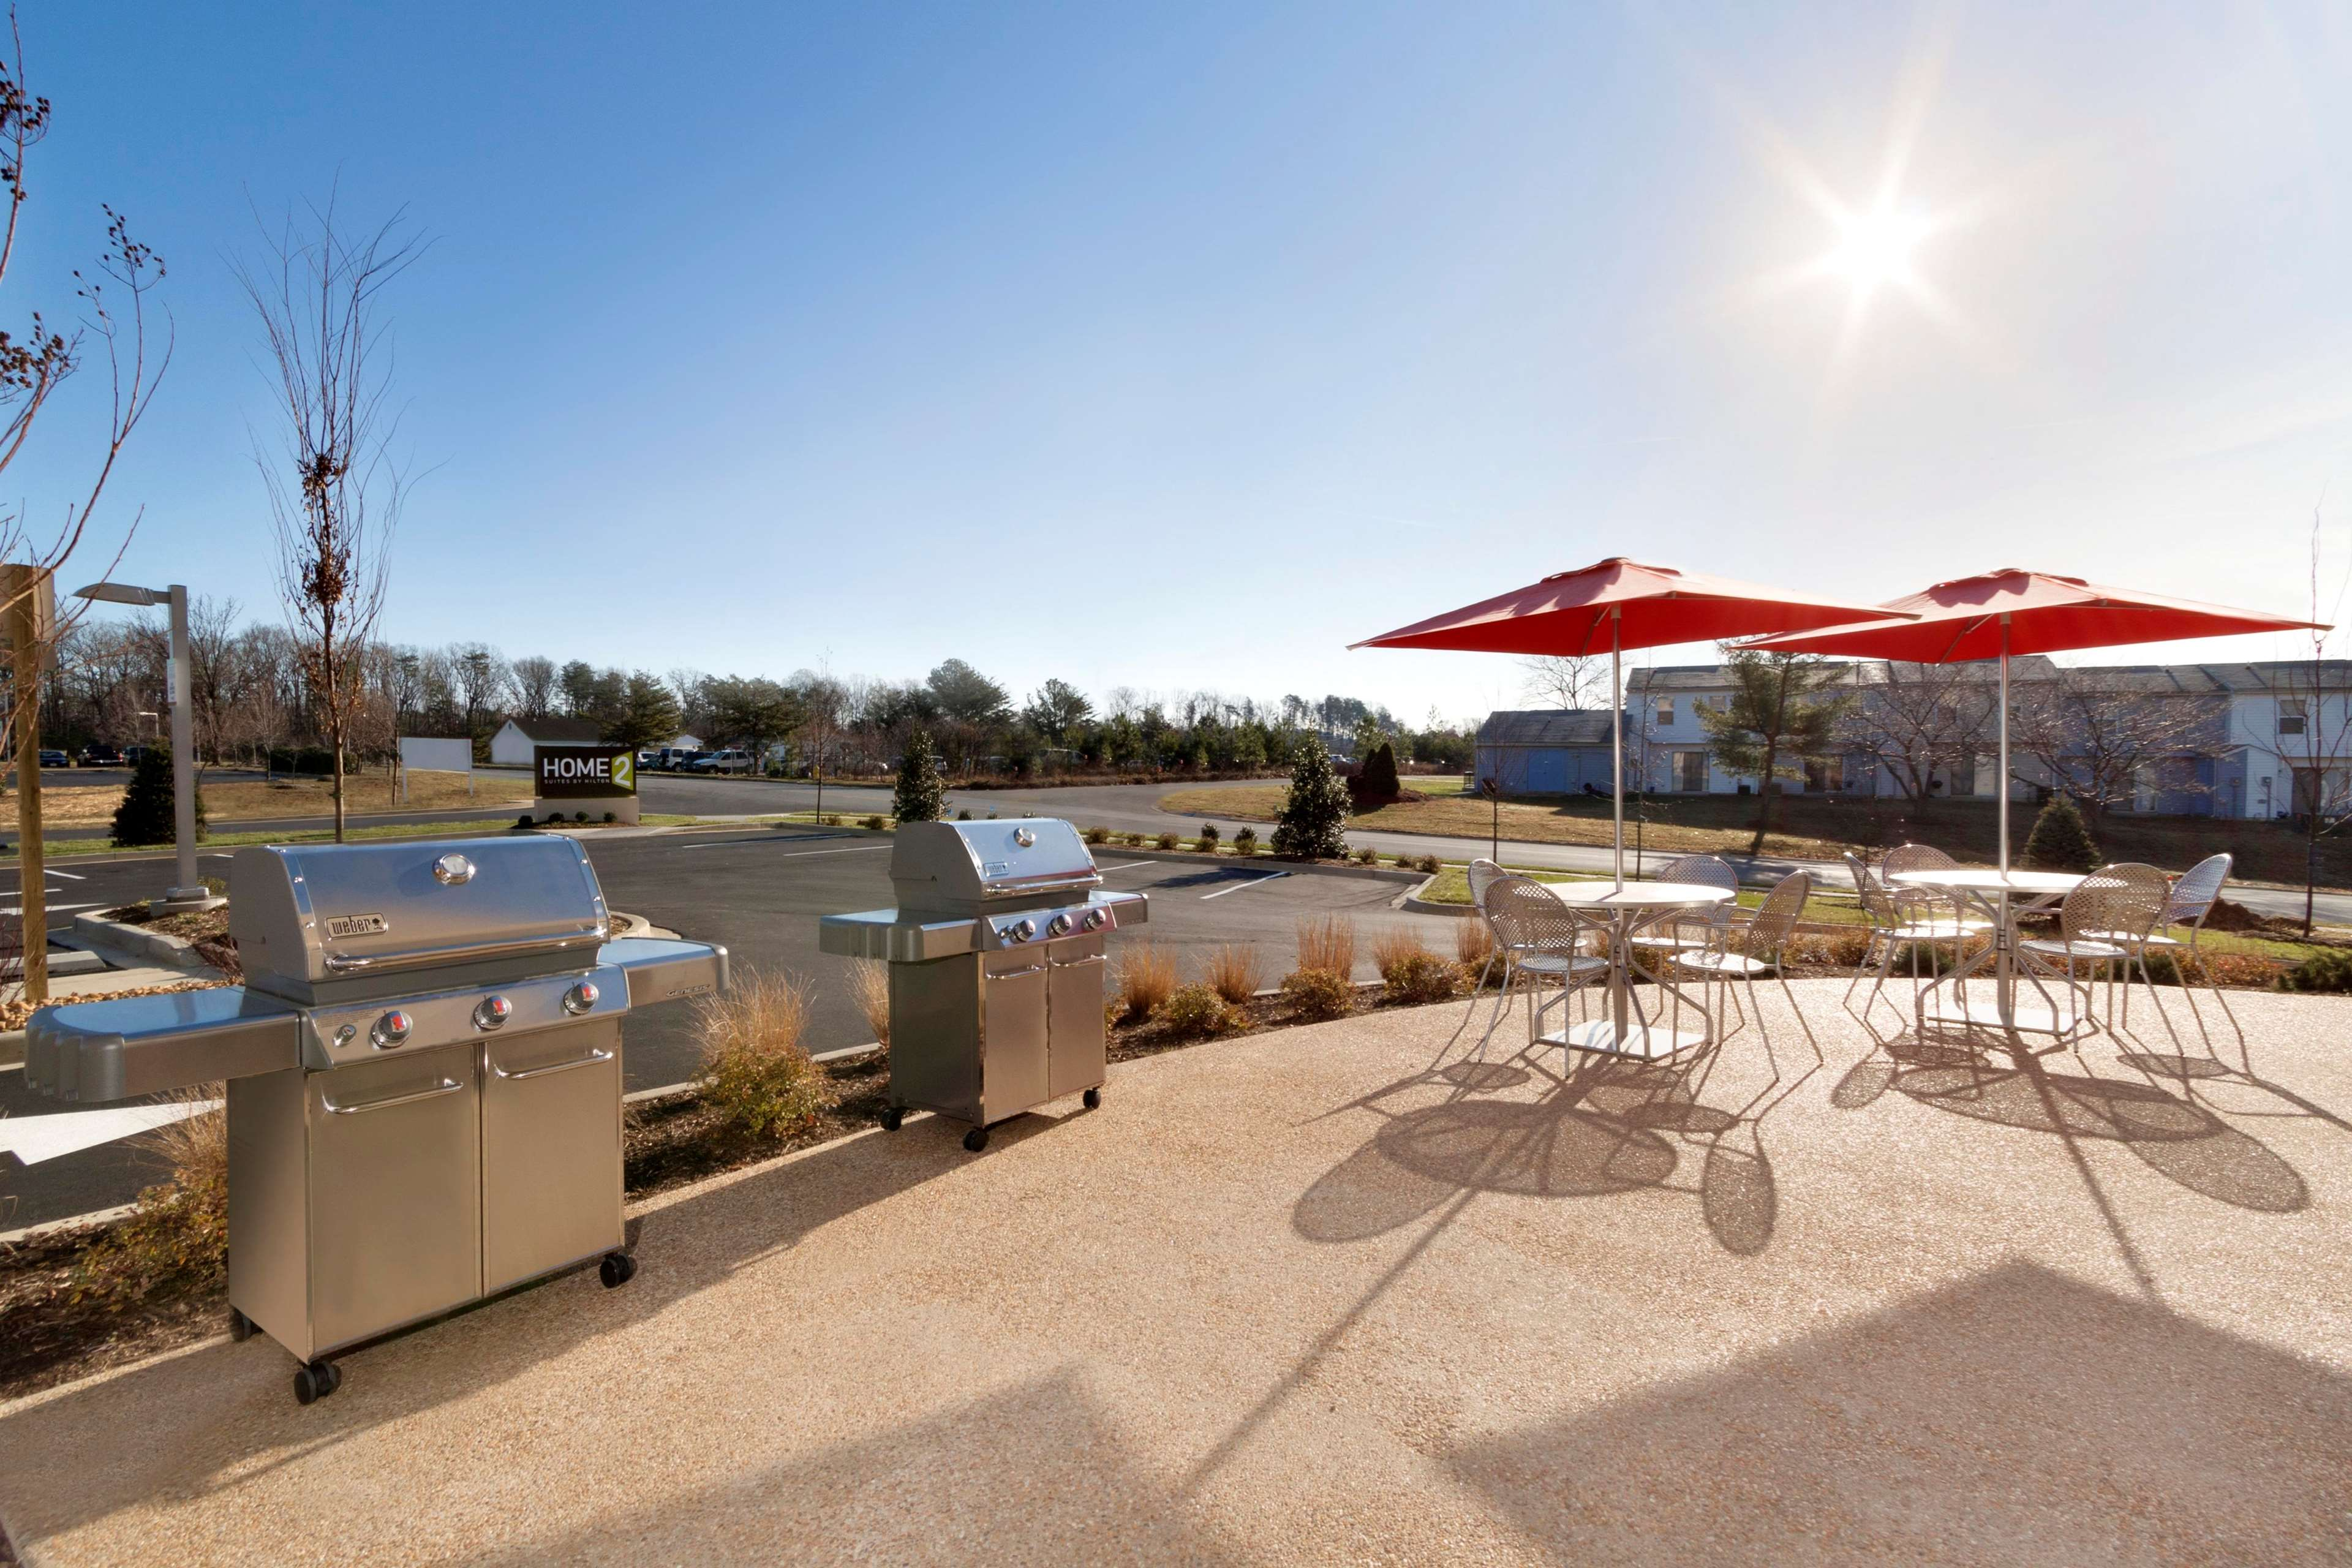 Home2 Suites by Hilton Lexington Park Patuxent River NAS, MD image 15